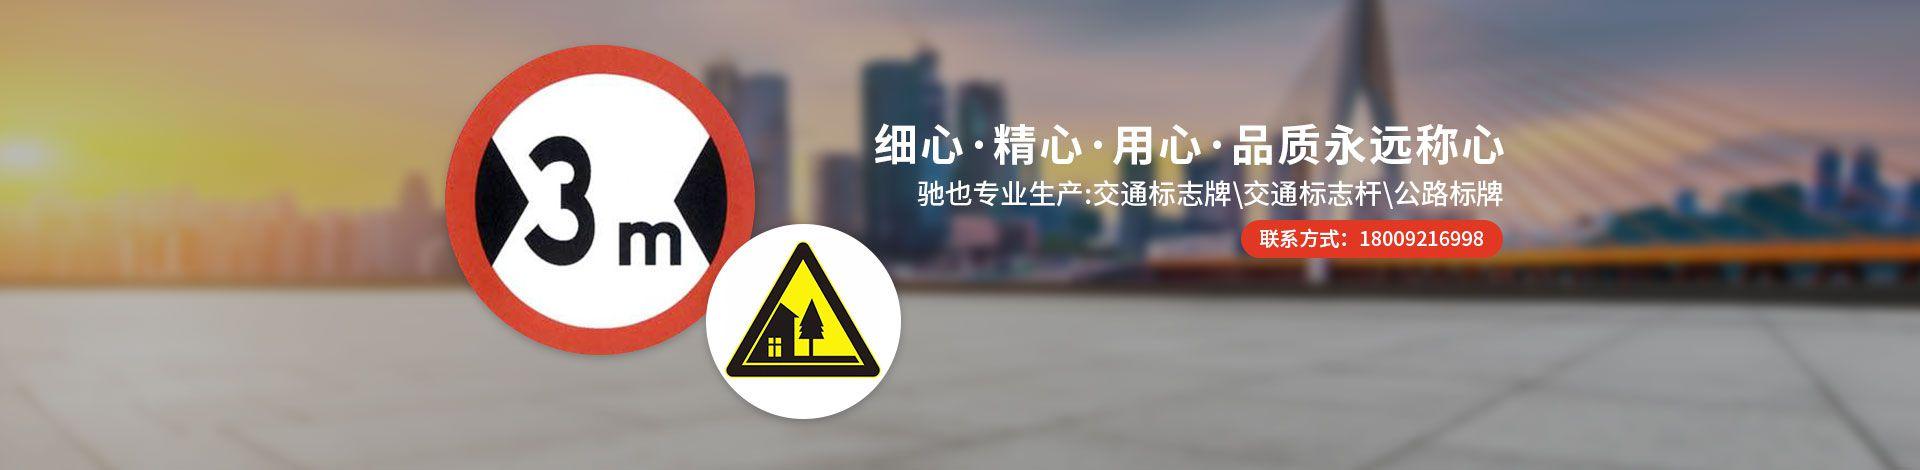 陕西驰也交通设施工程有限公司